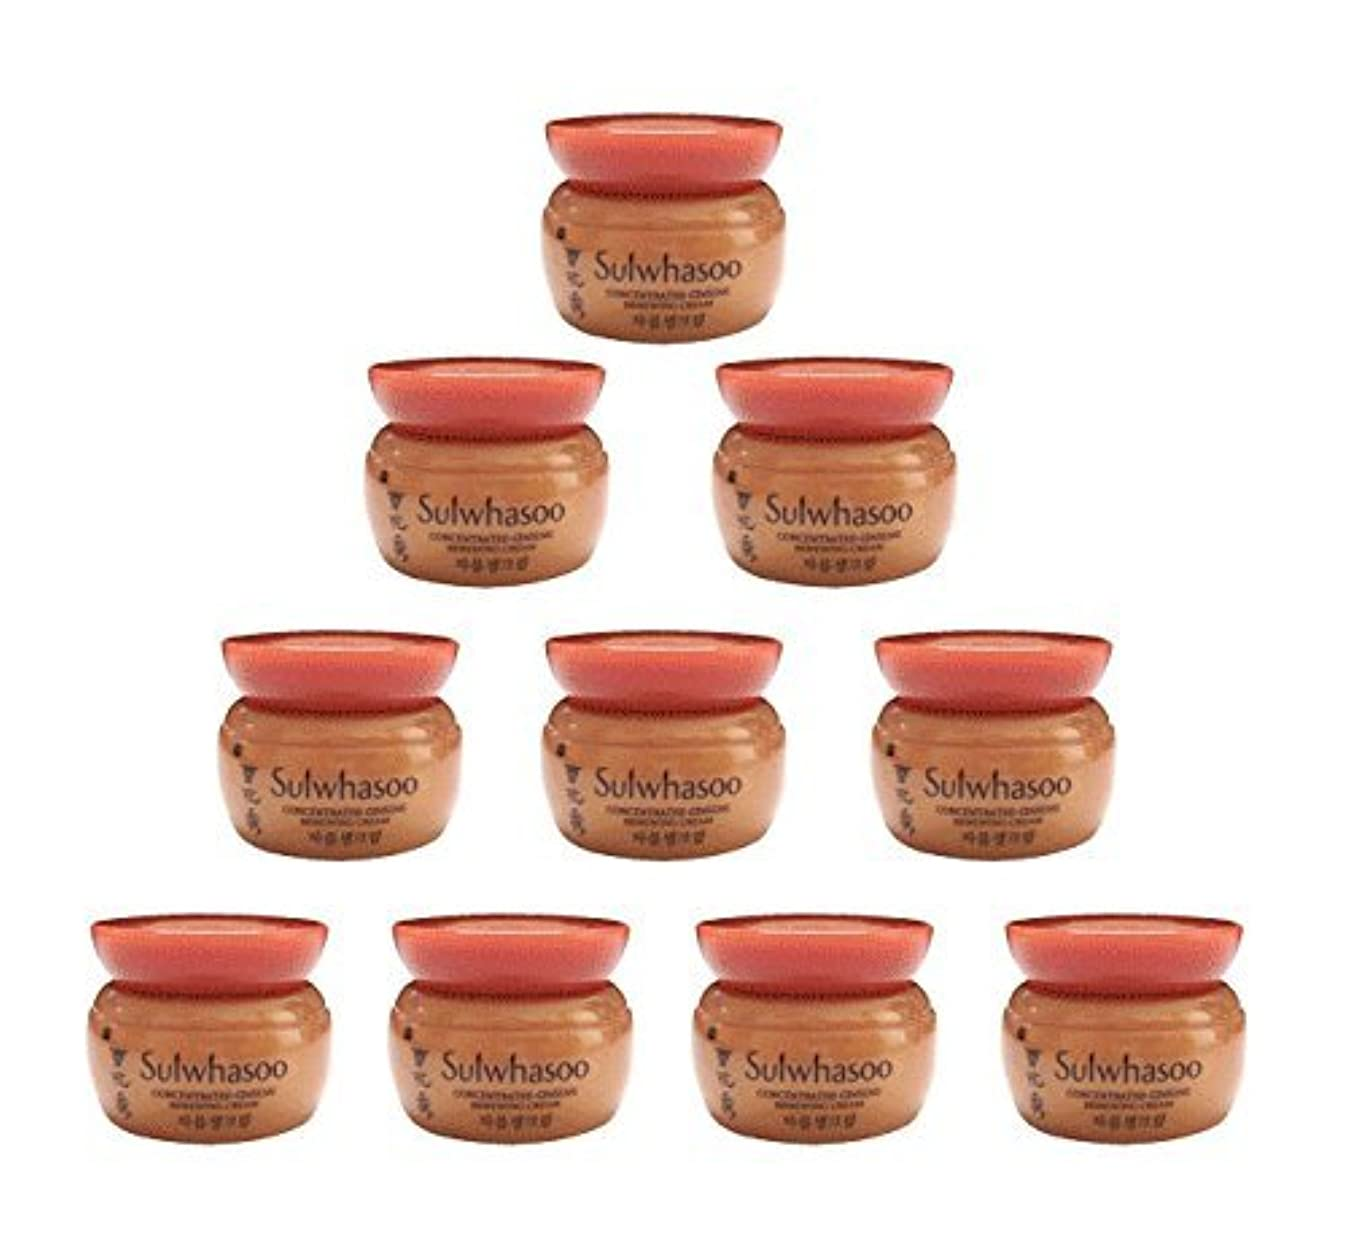 バクテリア逃げる襲撃【ソルファス 雪花秀 Sulwhasoo】 Concentrated Ginseng Renewing Cream(50ml) 5ml x 10個 韓国化粧品 ブランドのサンプル [並行輸入品]